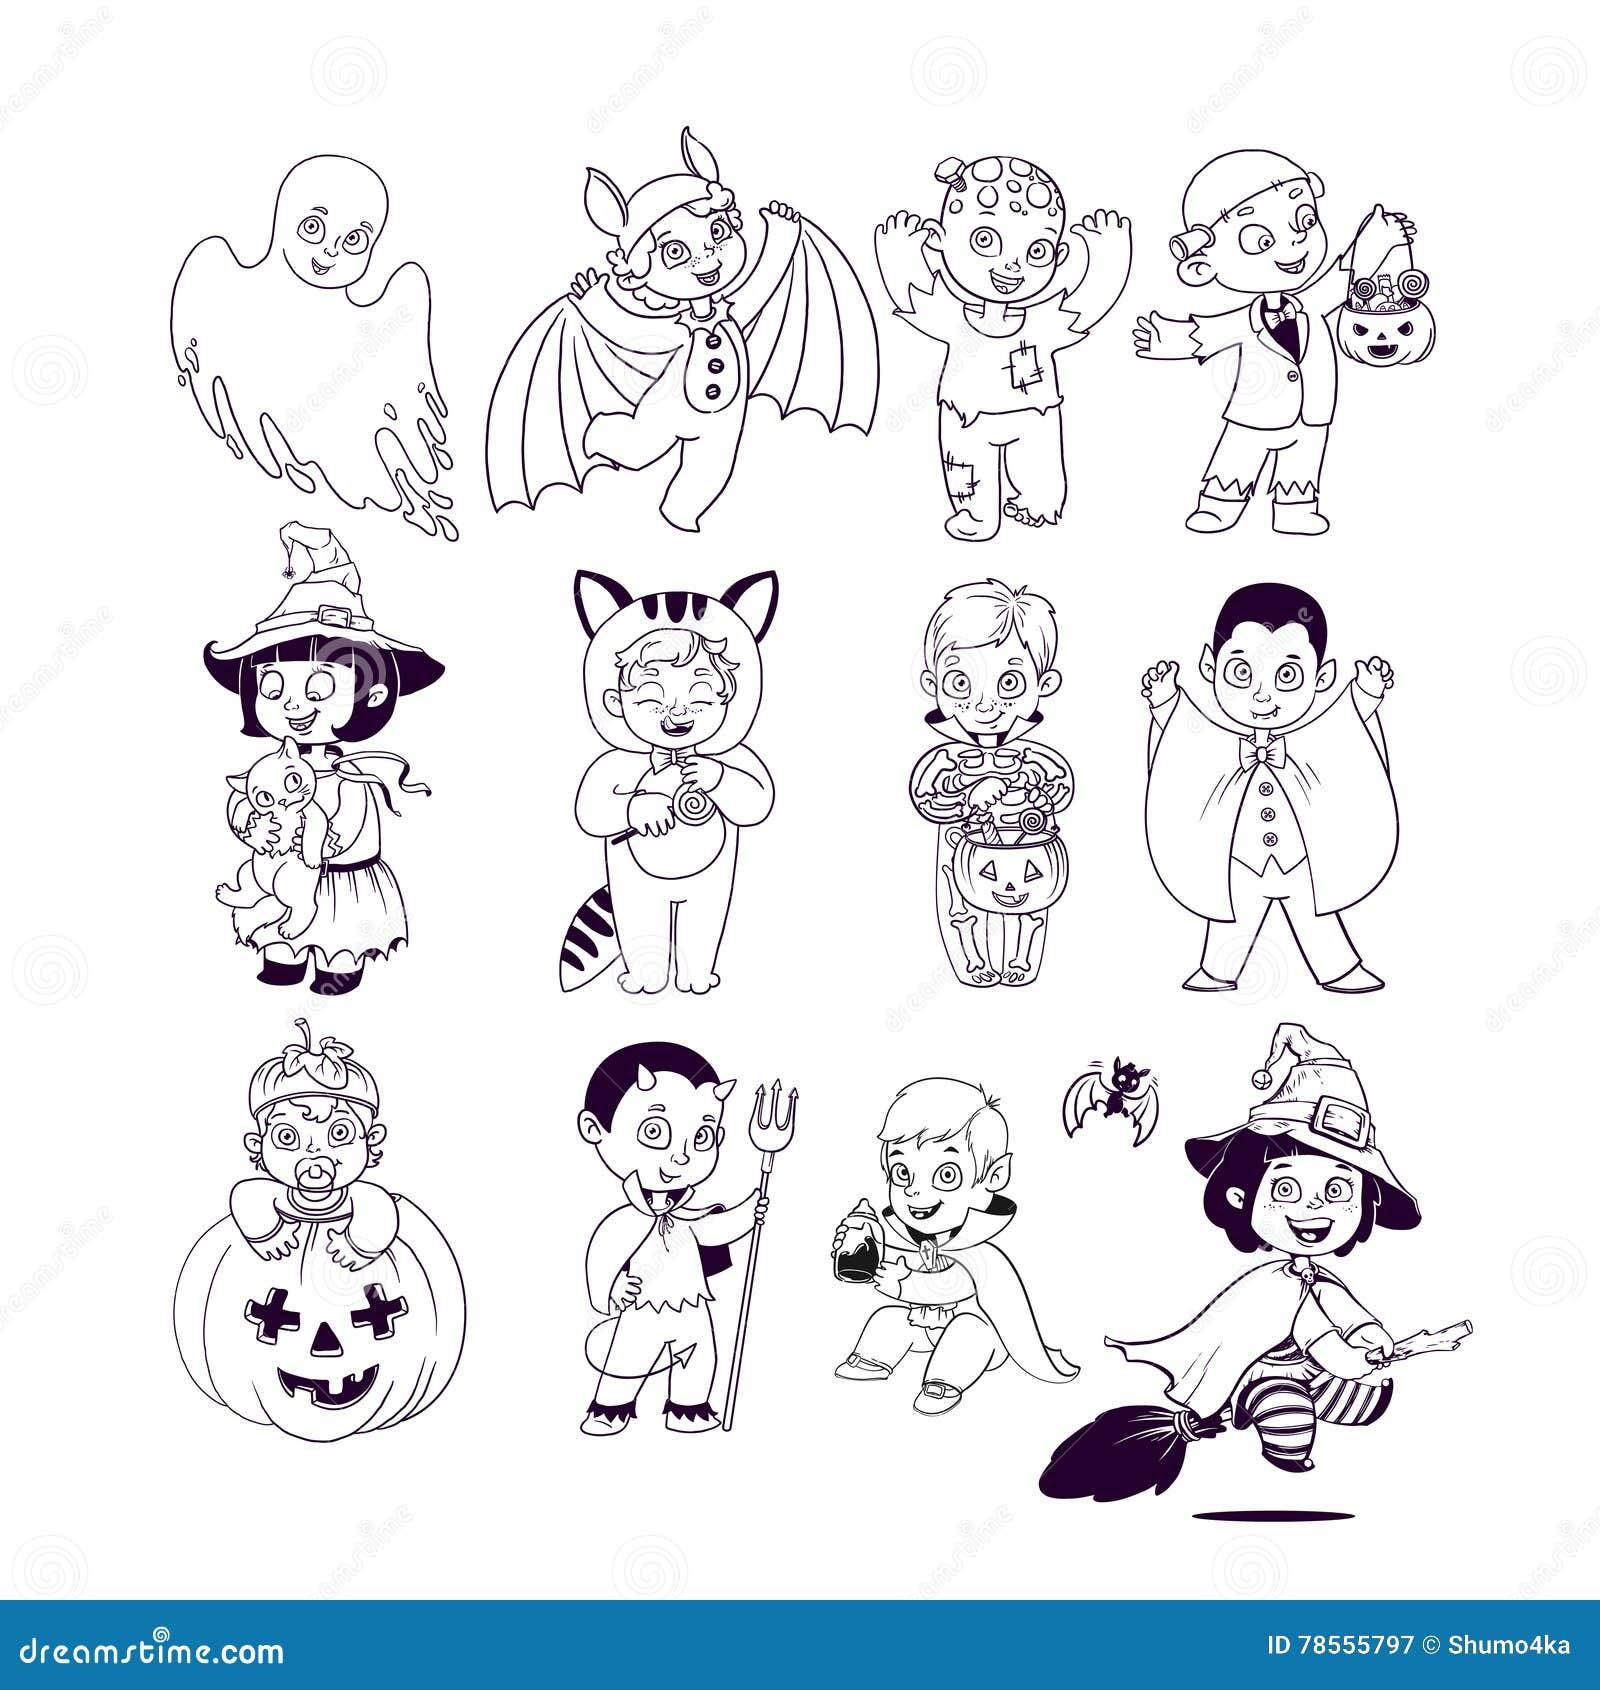 Gosses Dans Des Costumes De Veille De La Toussaint Livre De Coloriage De Halloween Illustration Pour Des Personnages De Dessin An Illustration De Vecteur Illustration Du Gosses Veille 78555797